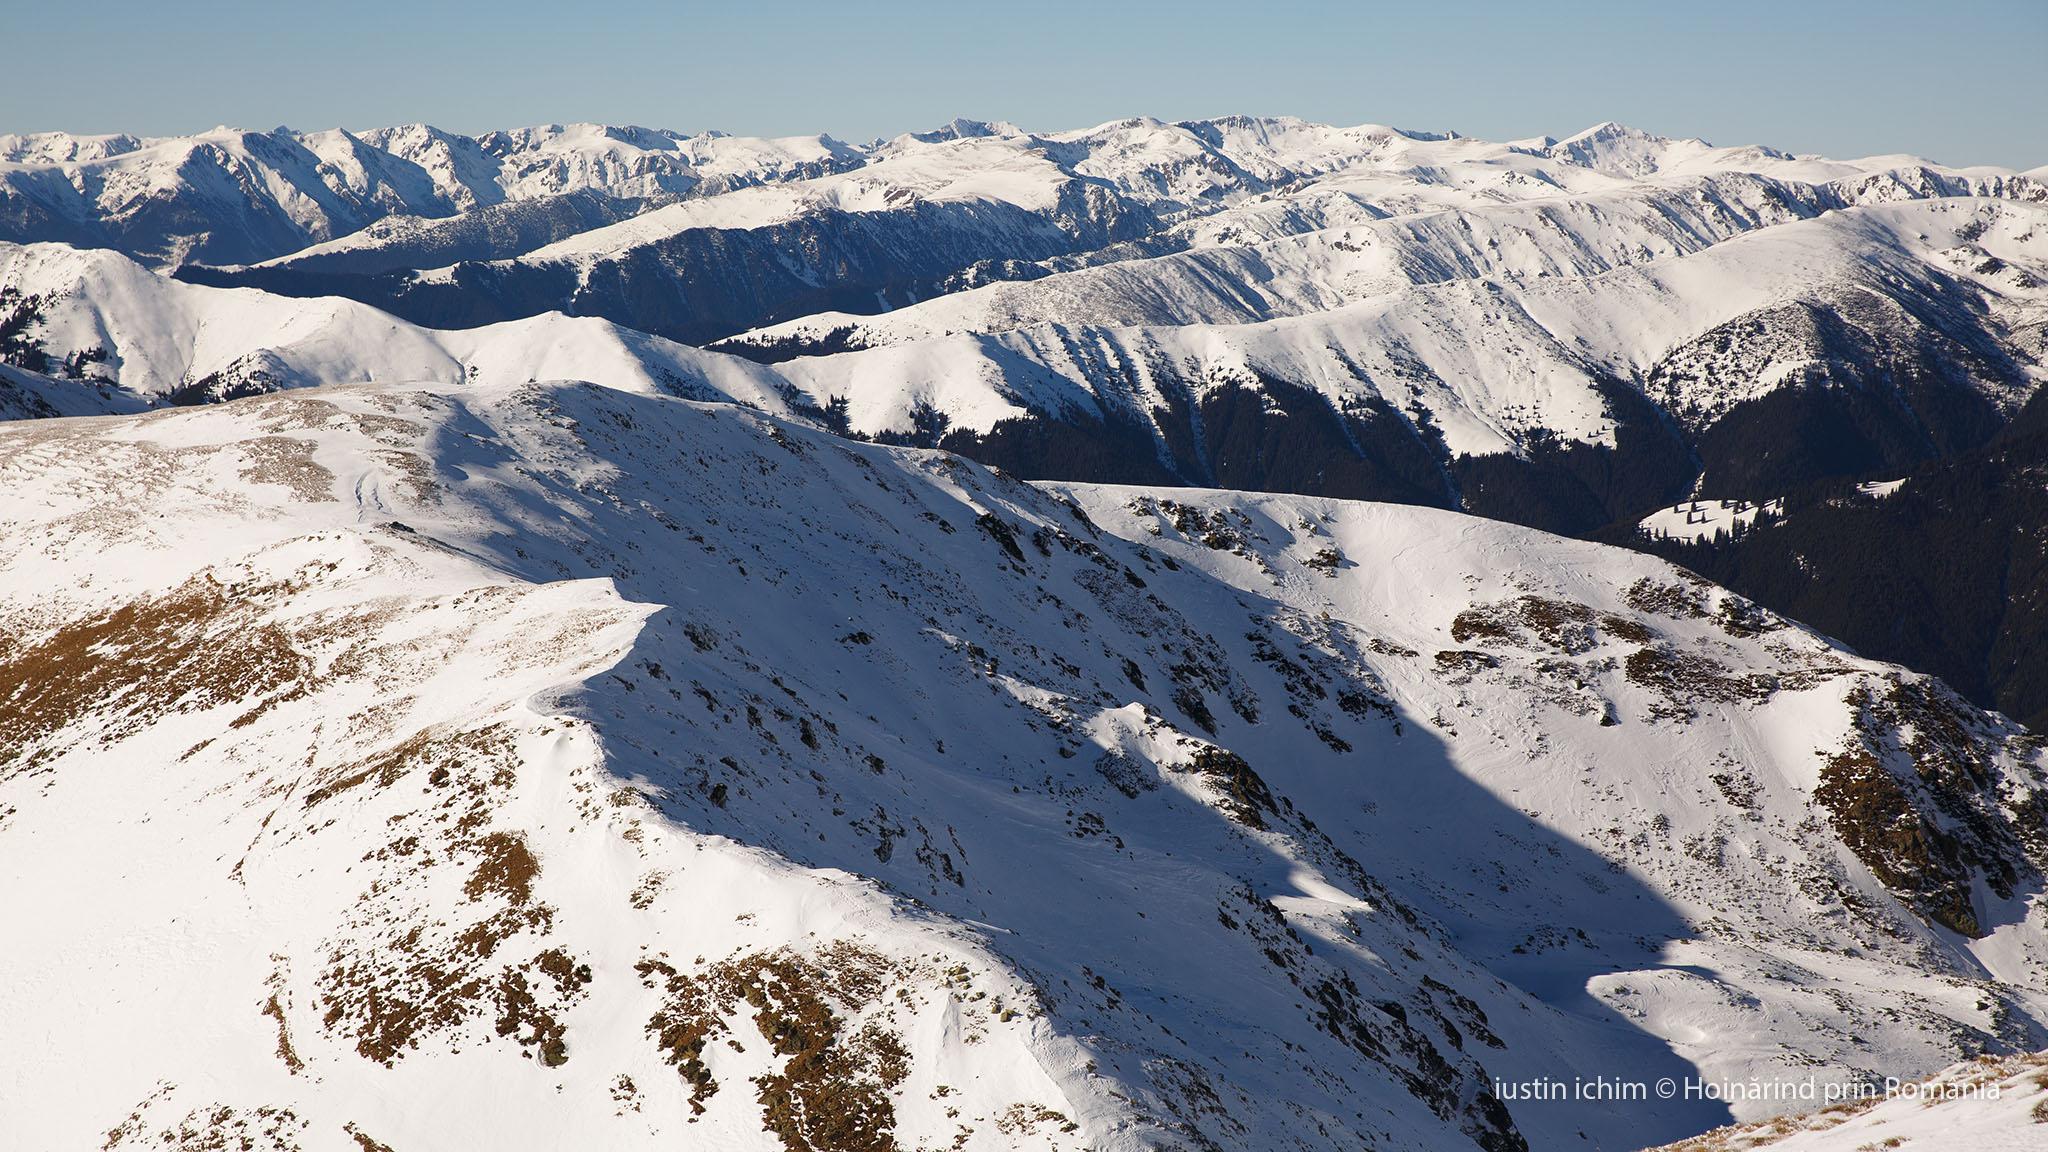 Munții Iezer Păpușa, Făgăraș in fundal, imagine din altă tură